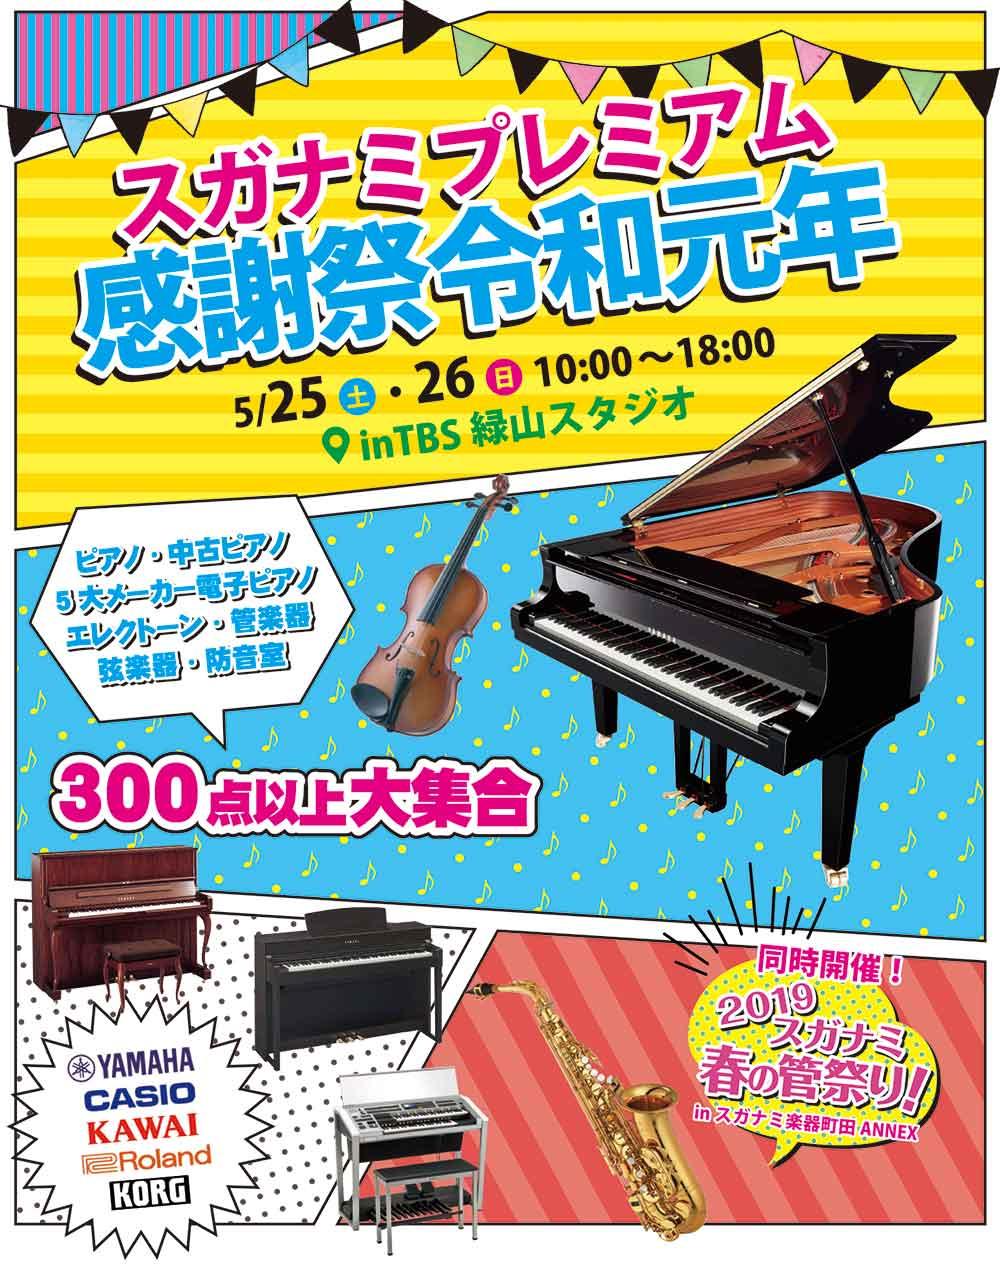 ヤマハピアノ・中古ピアノ・電子ピアノ・エレクトーン・管楽器・弦楽器・防音室が300点以上大集合!